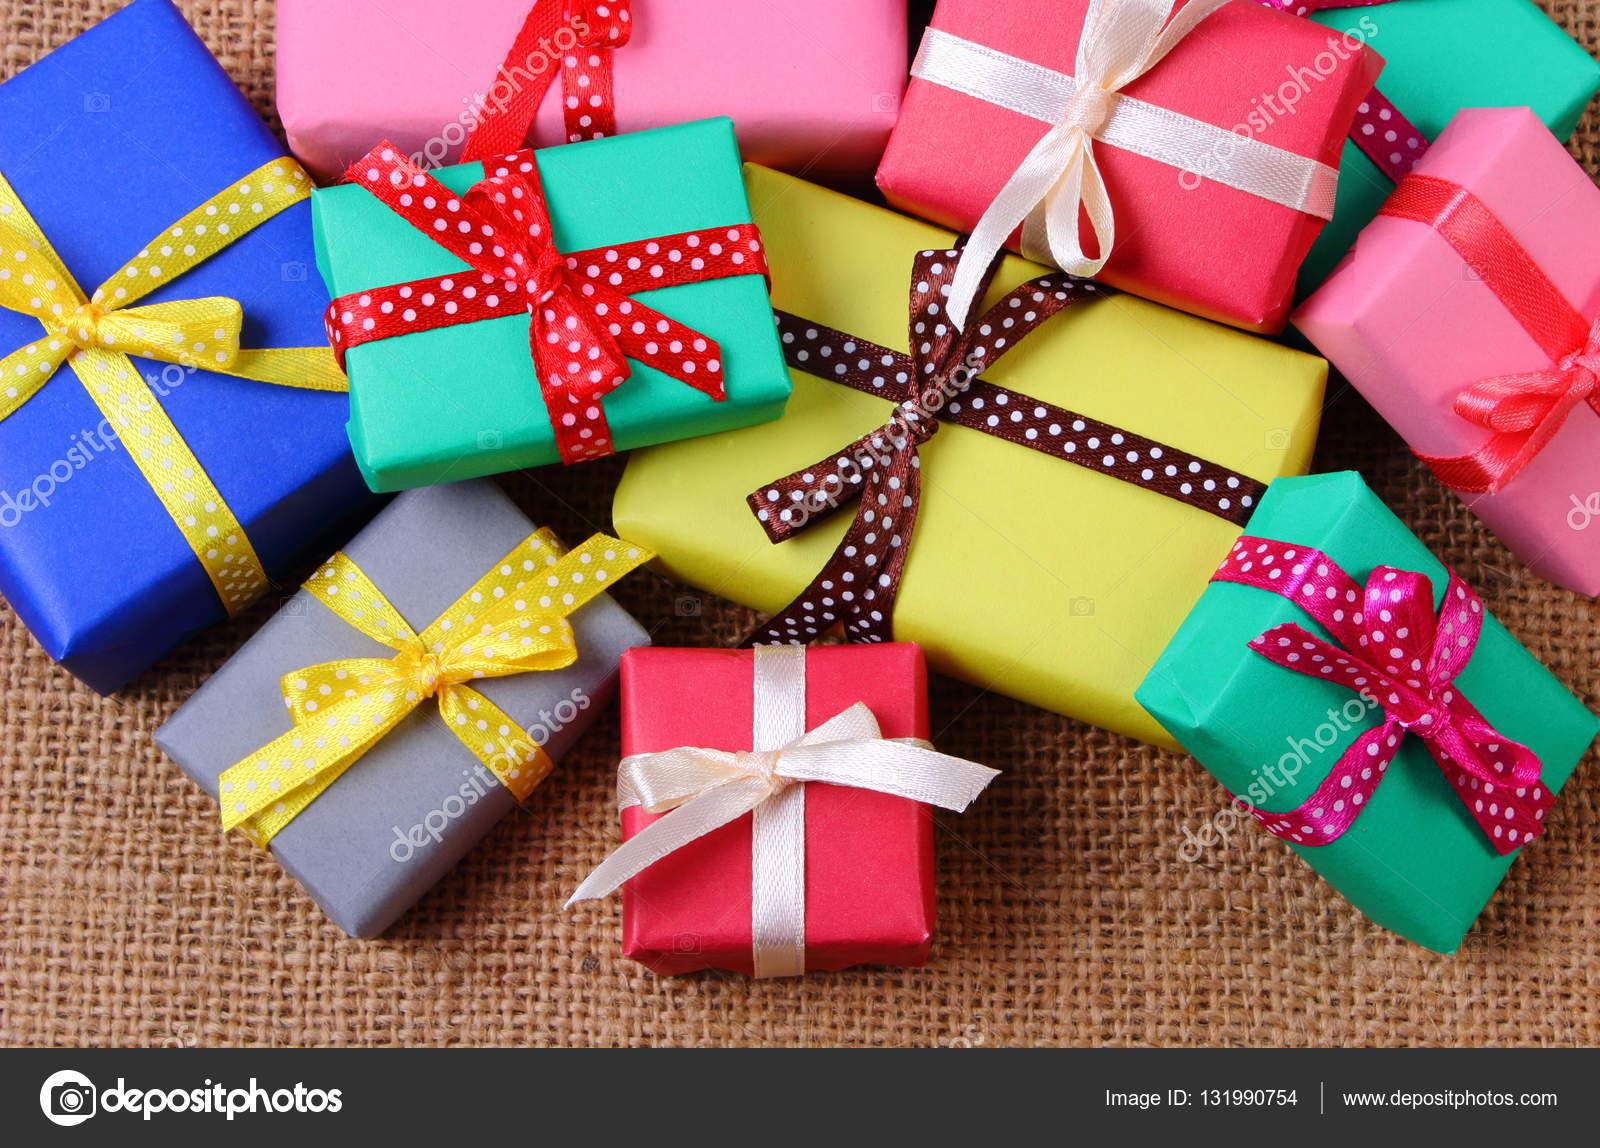 Fotos Regalos Envueltos Montón De Regalos Envueltos Para Navidad